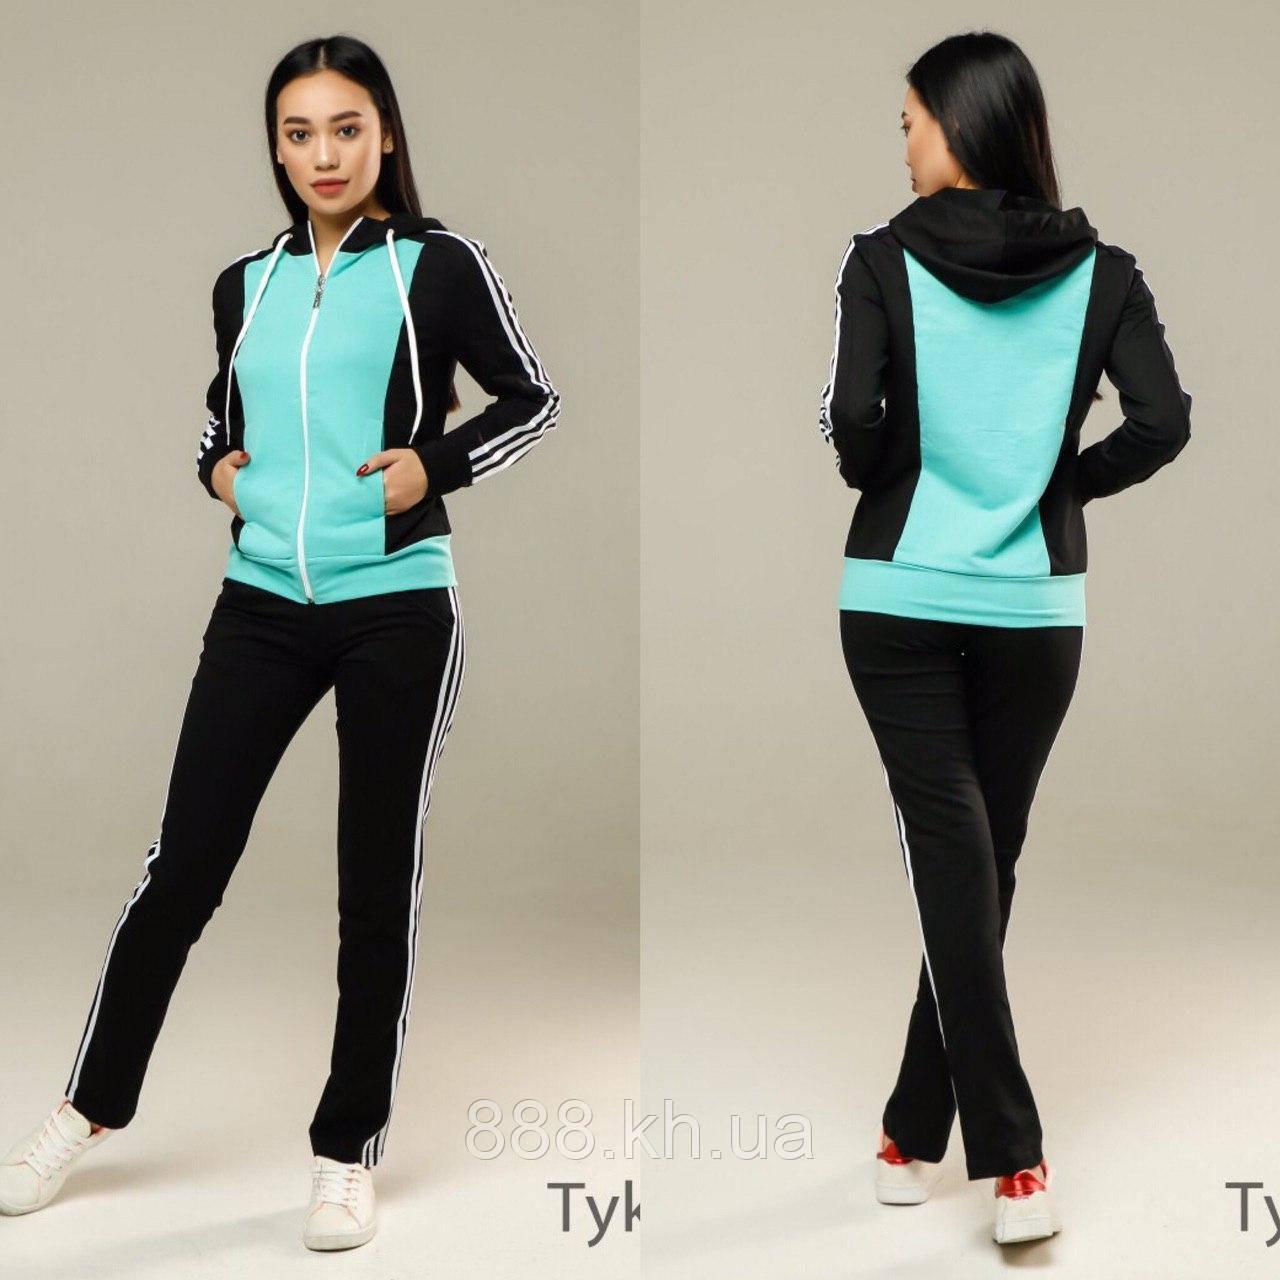 Женский спортивный костюм, костюм для прогулок S/M/L/XL/2XL